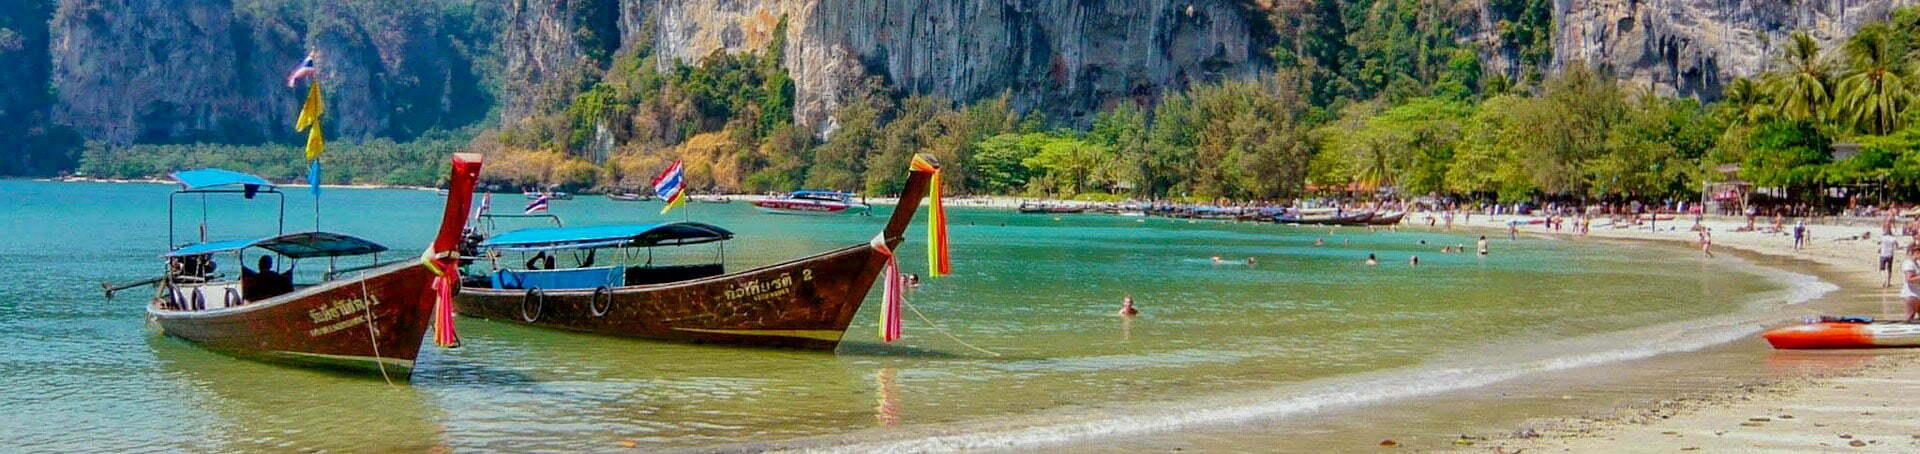 Bateaux amarrés sur une plage touristiques